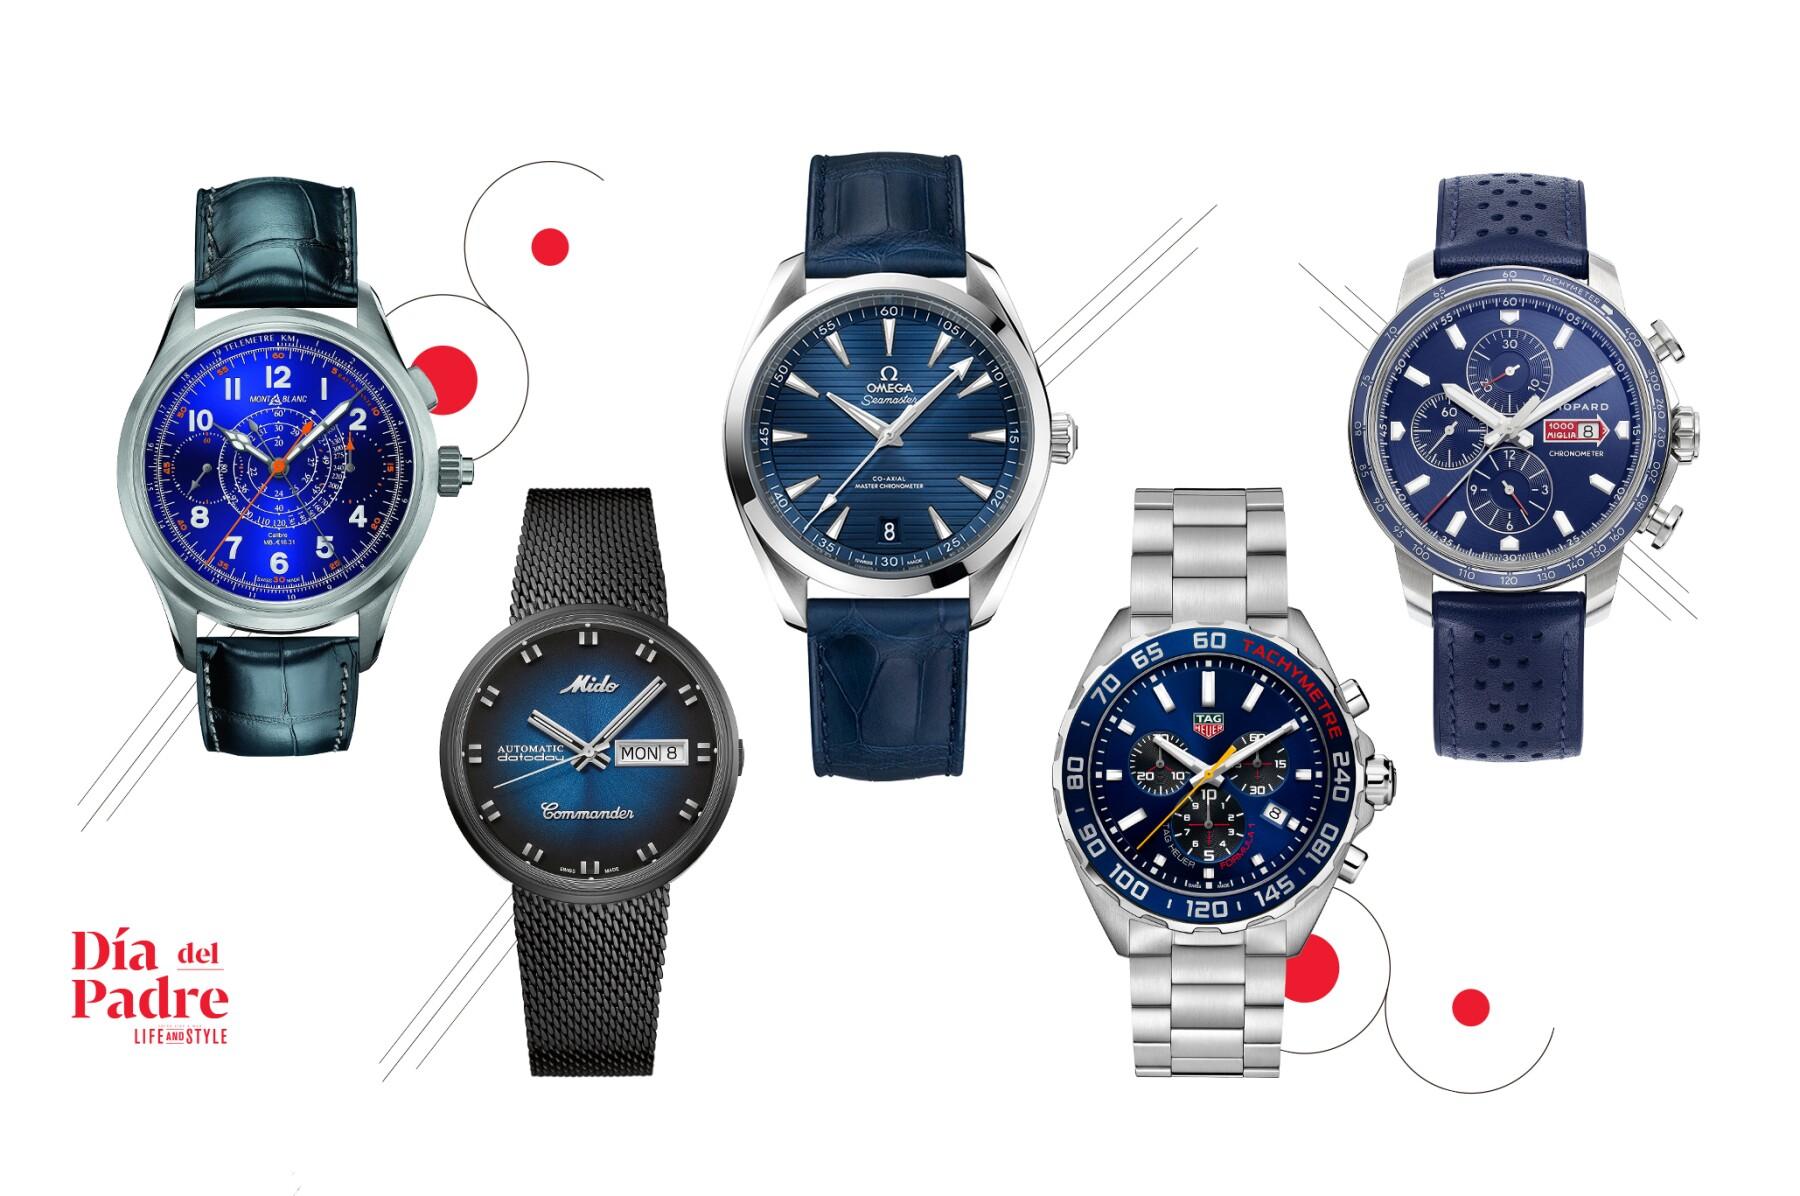 DESTACADA-moda-PAPA-relojes1.jpg